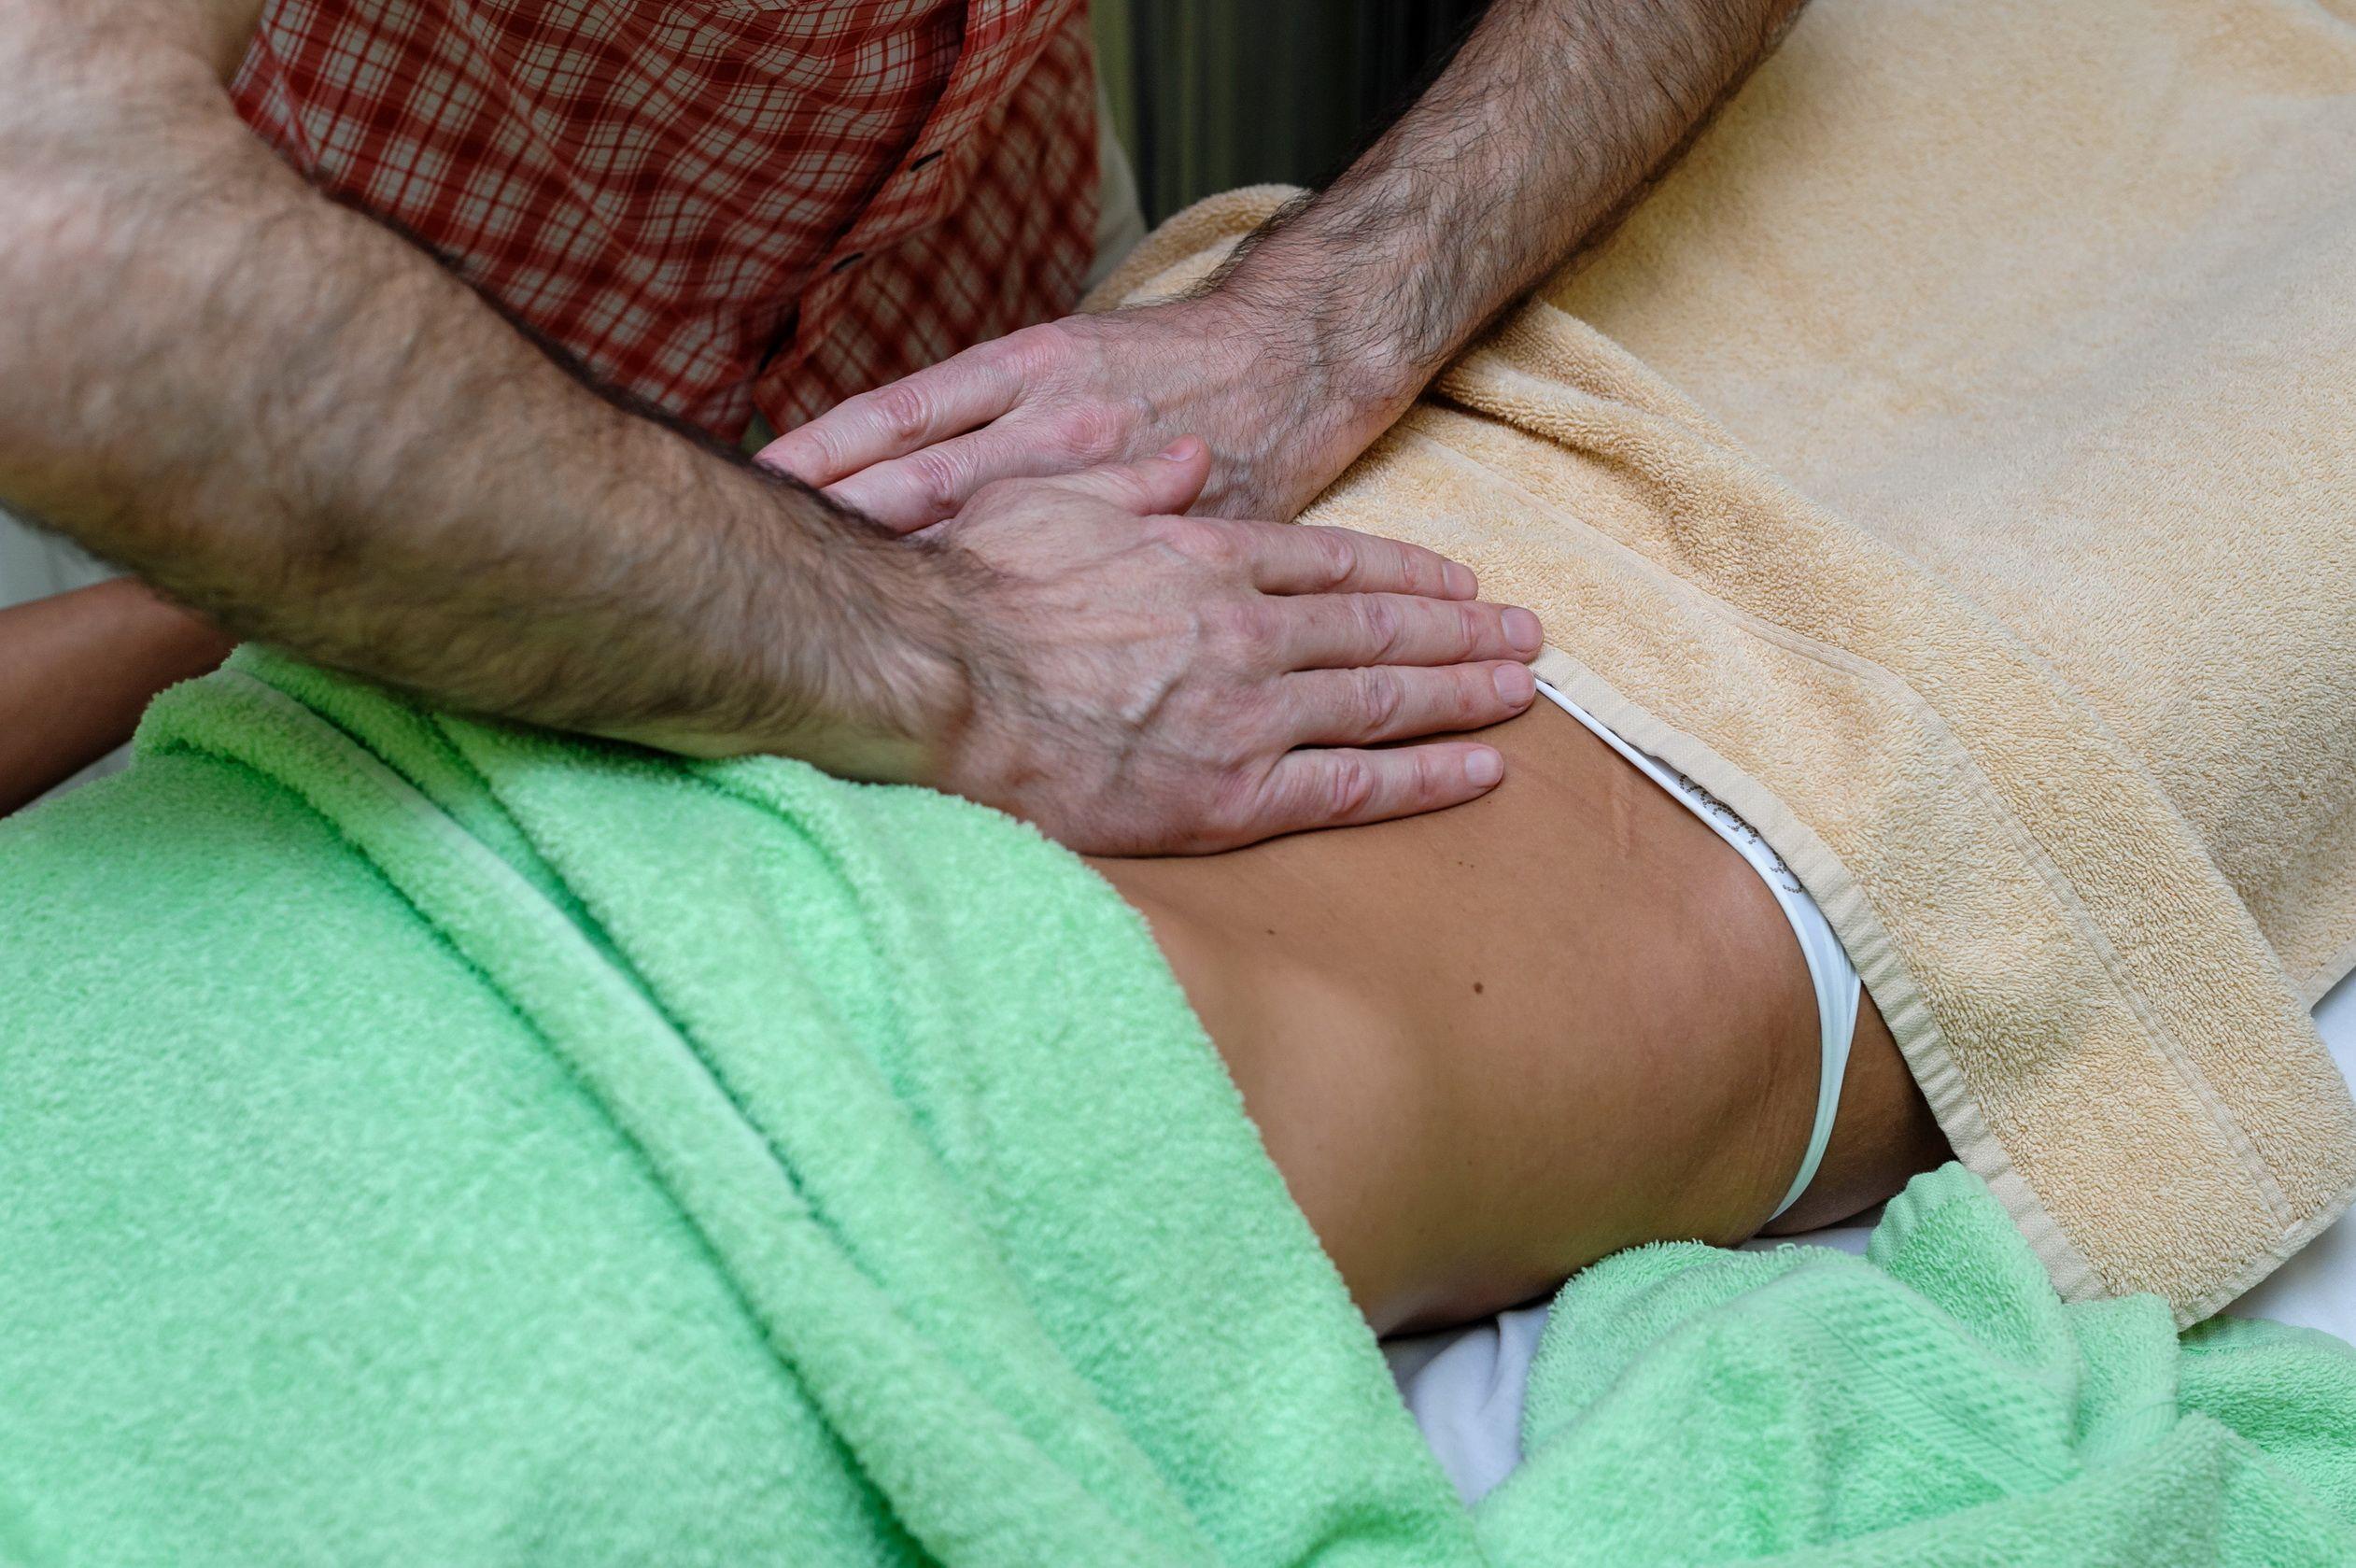 Ar galiu atlikti masažą hipertenzijai (aukštam kraujospūdžiui)?